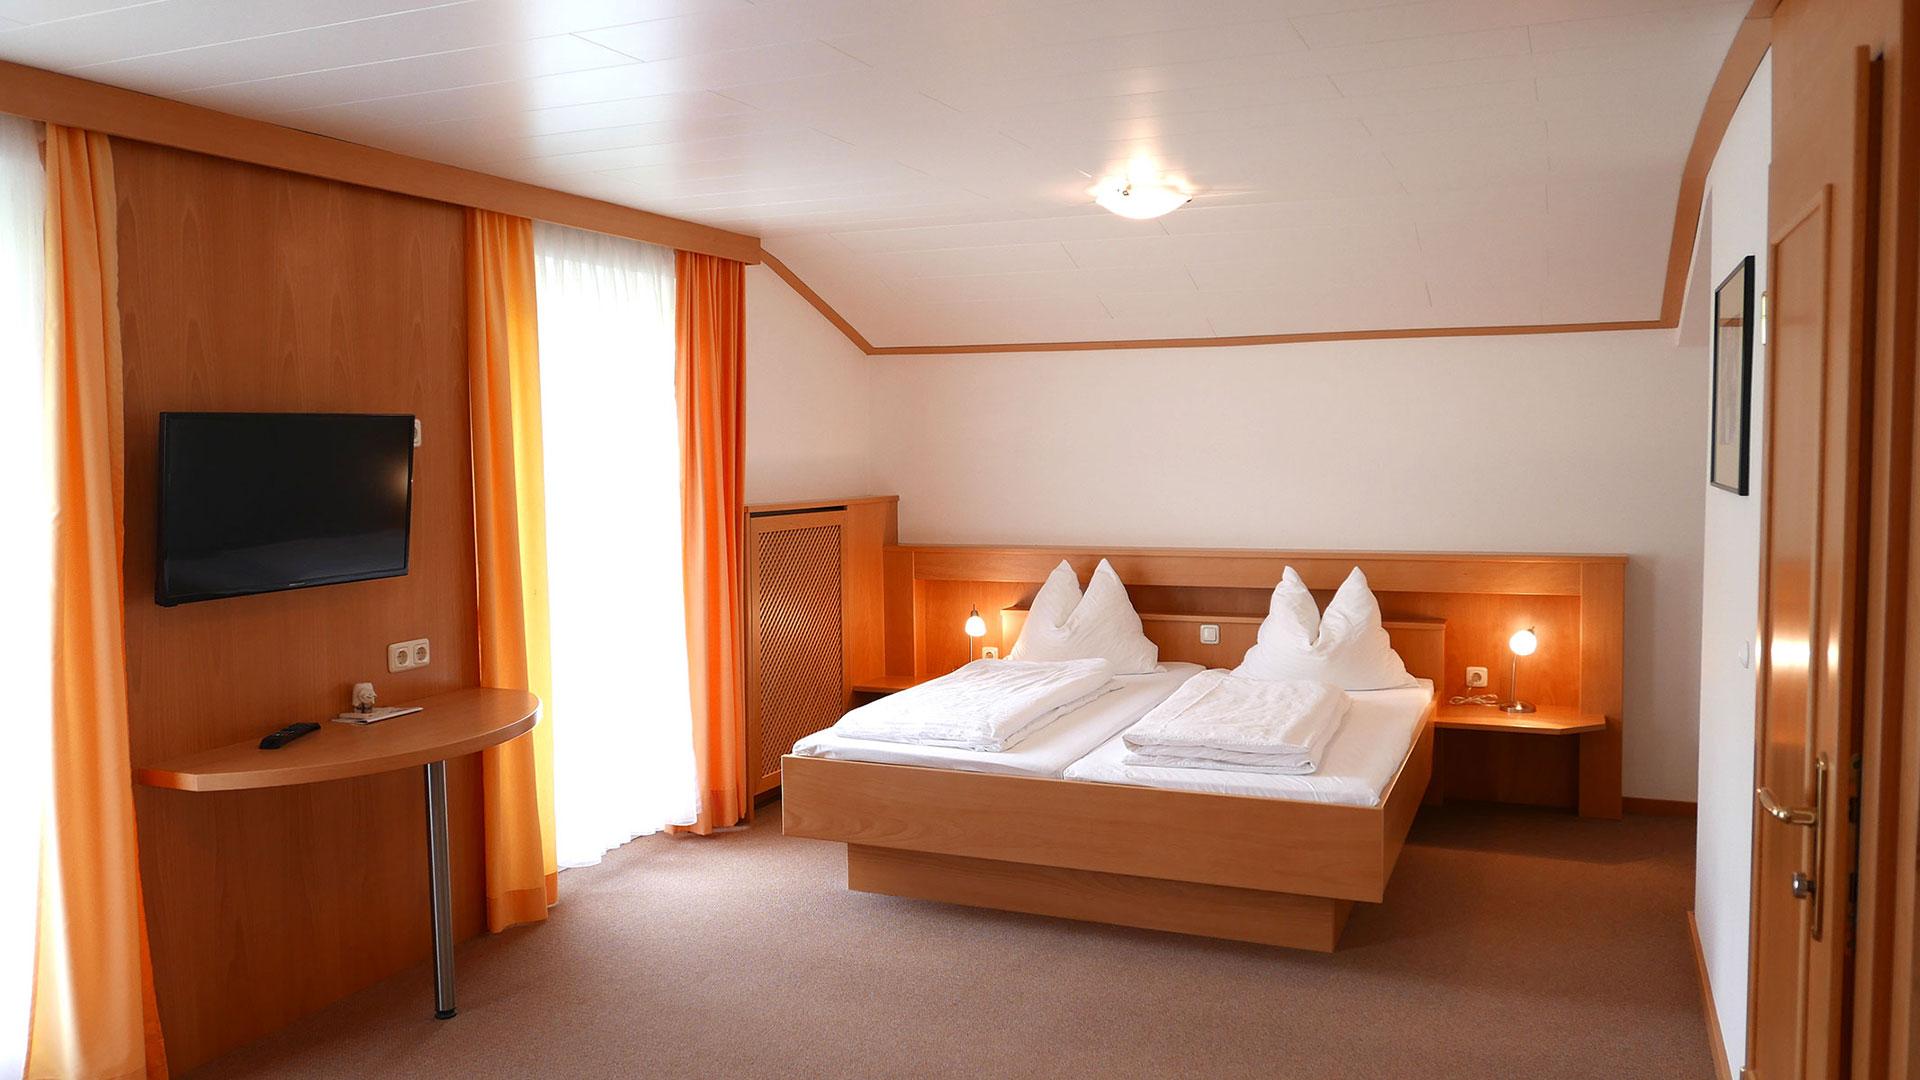 gemütliche Zimmer zum Wohlfühlen und Entspannen im Gasthof Sonnenhof